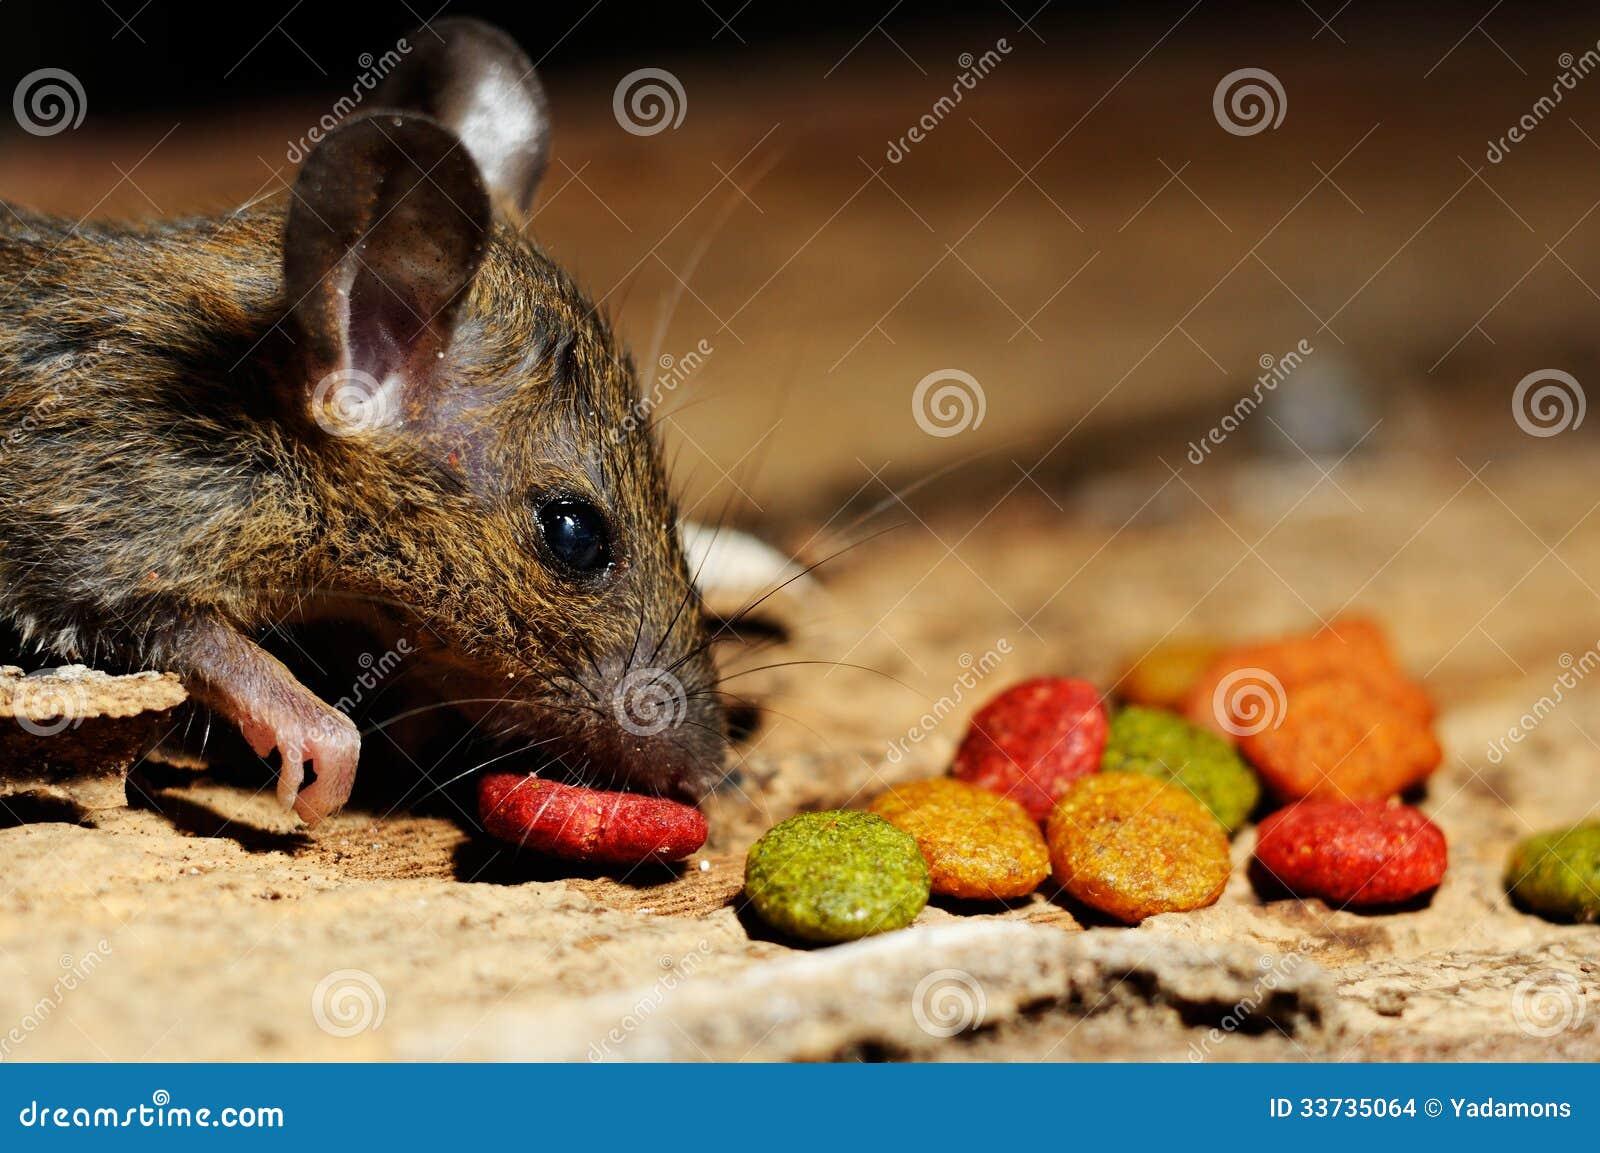 Крыса есть питание